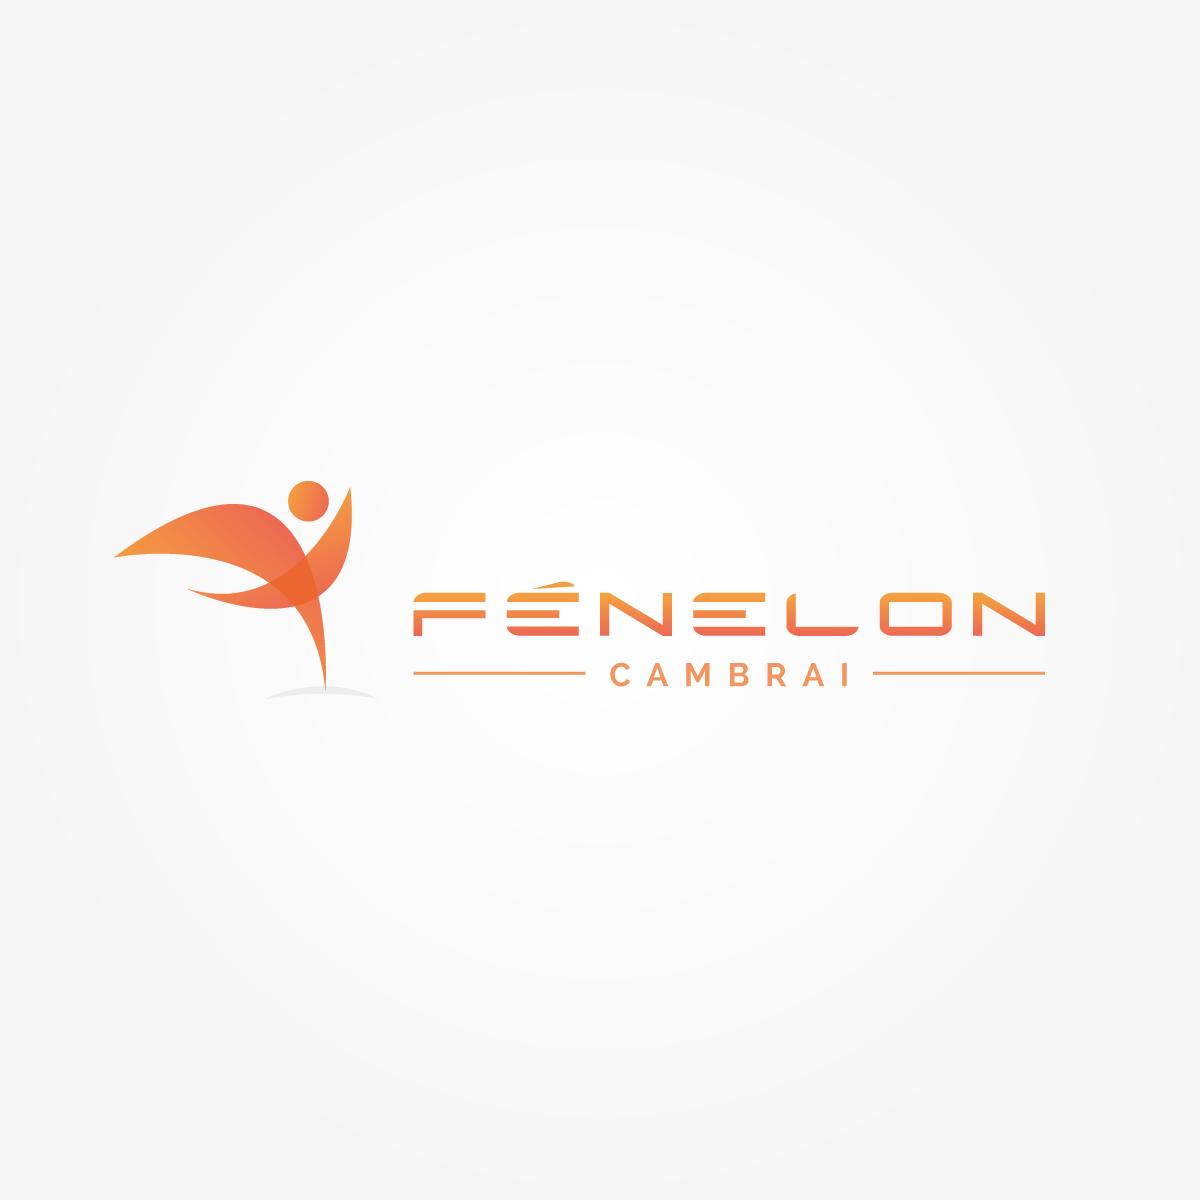 fenelon-cambrai-logo